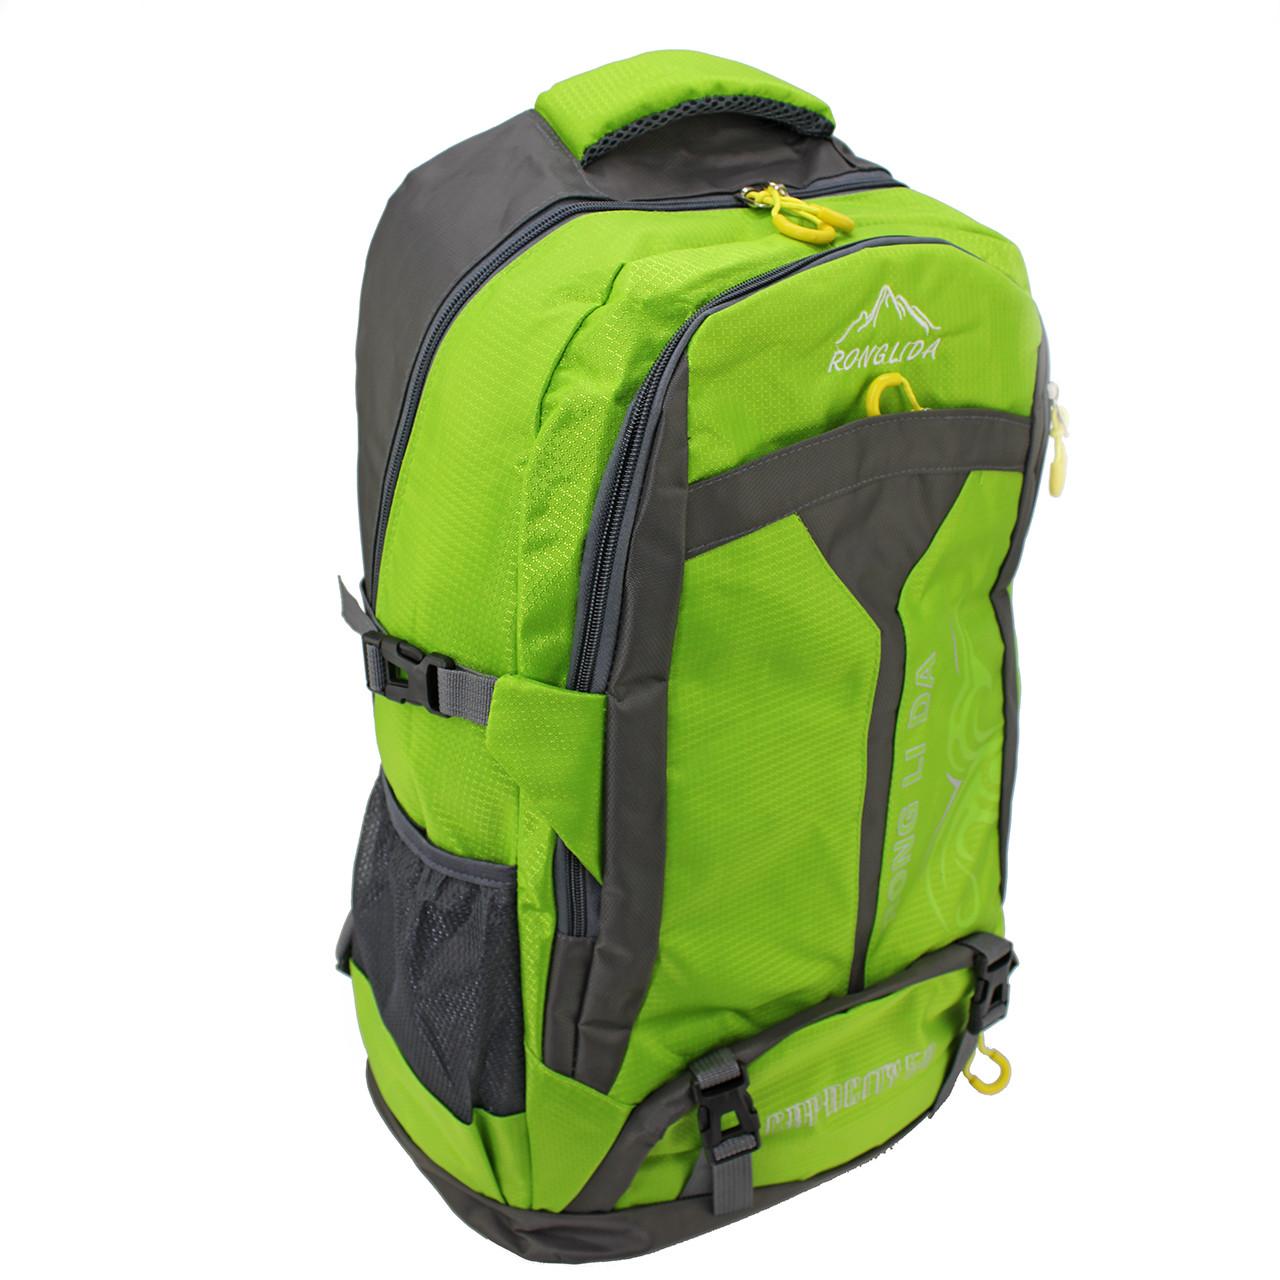 Рюкзак стильный салатовый Ronglida, текстиль, 50 л